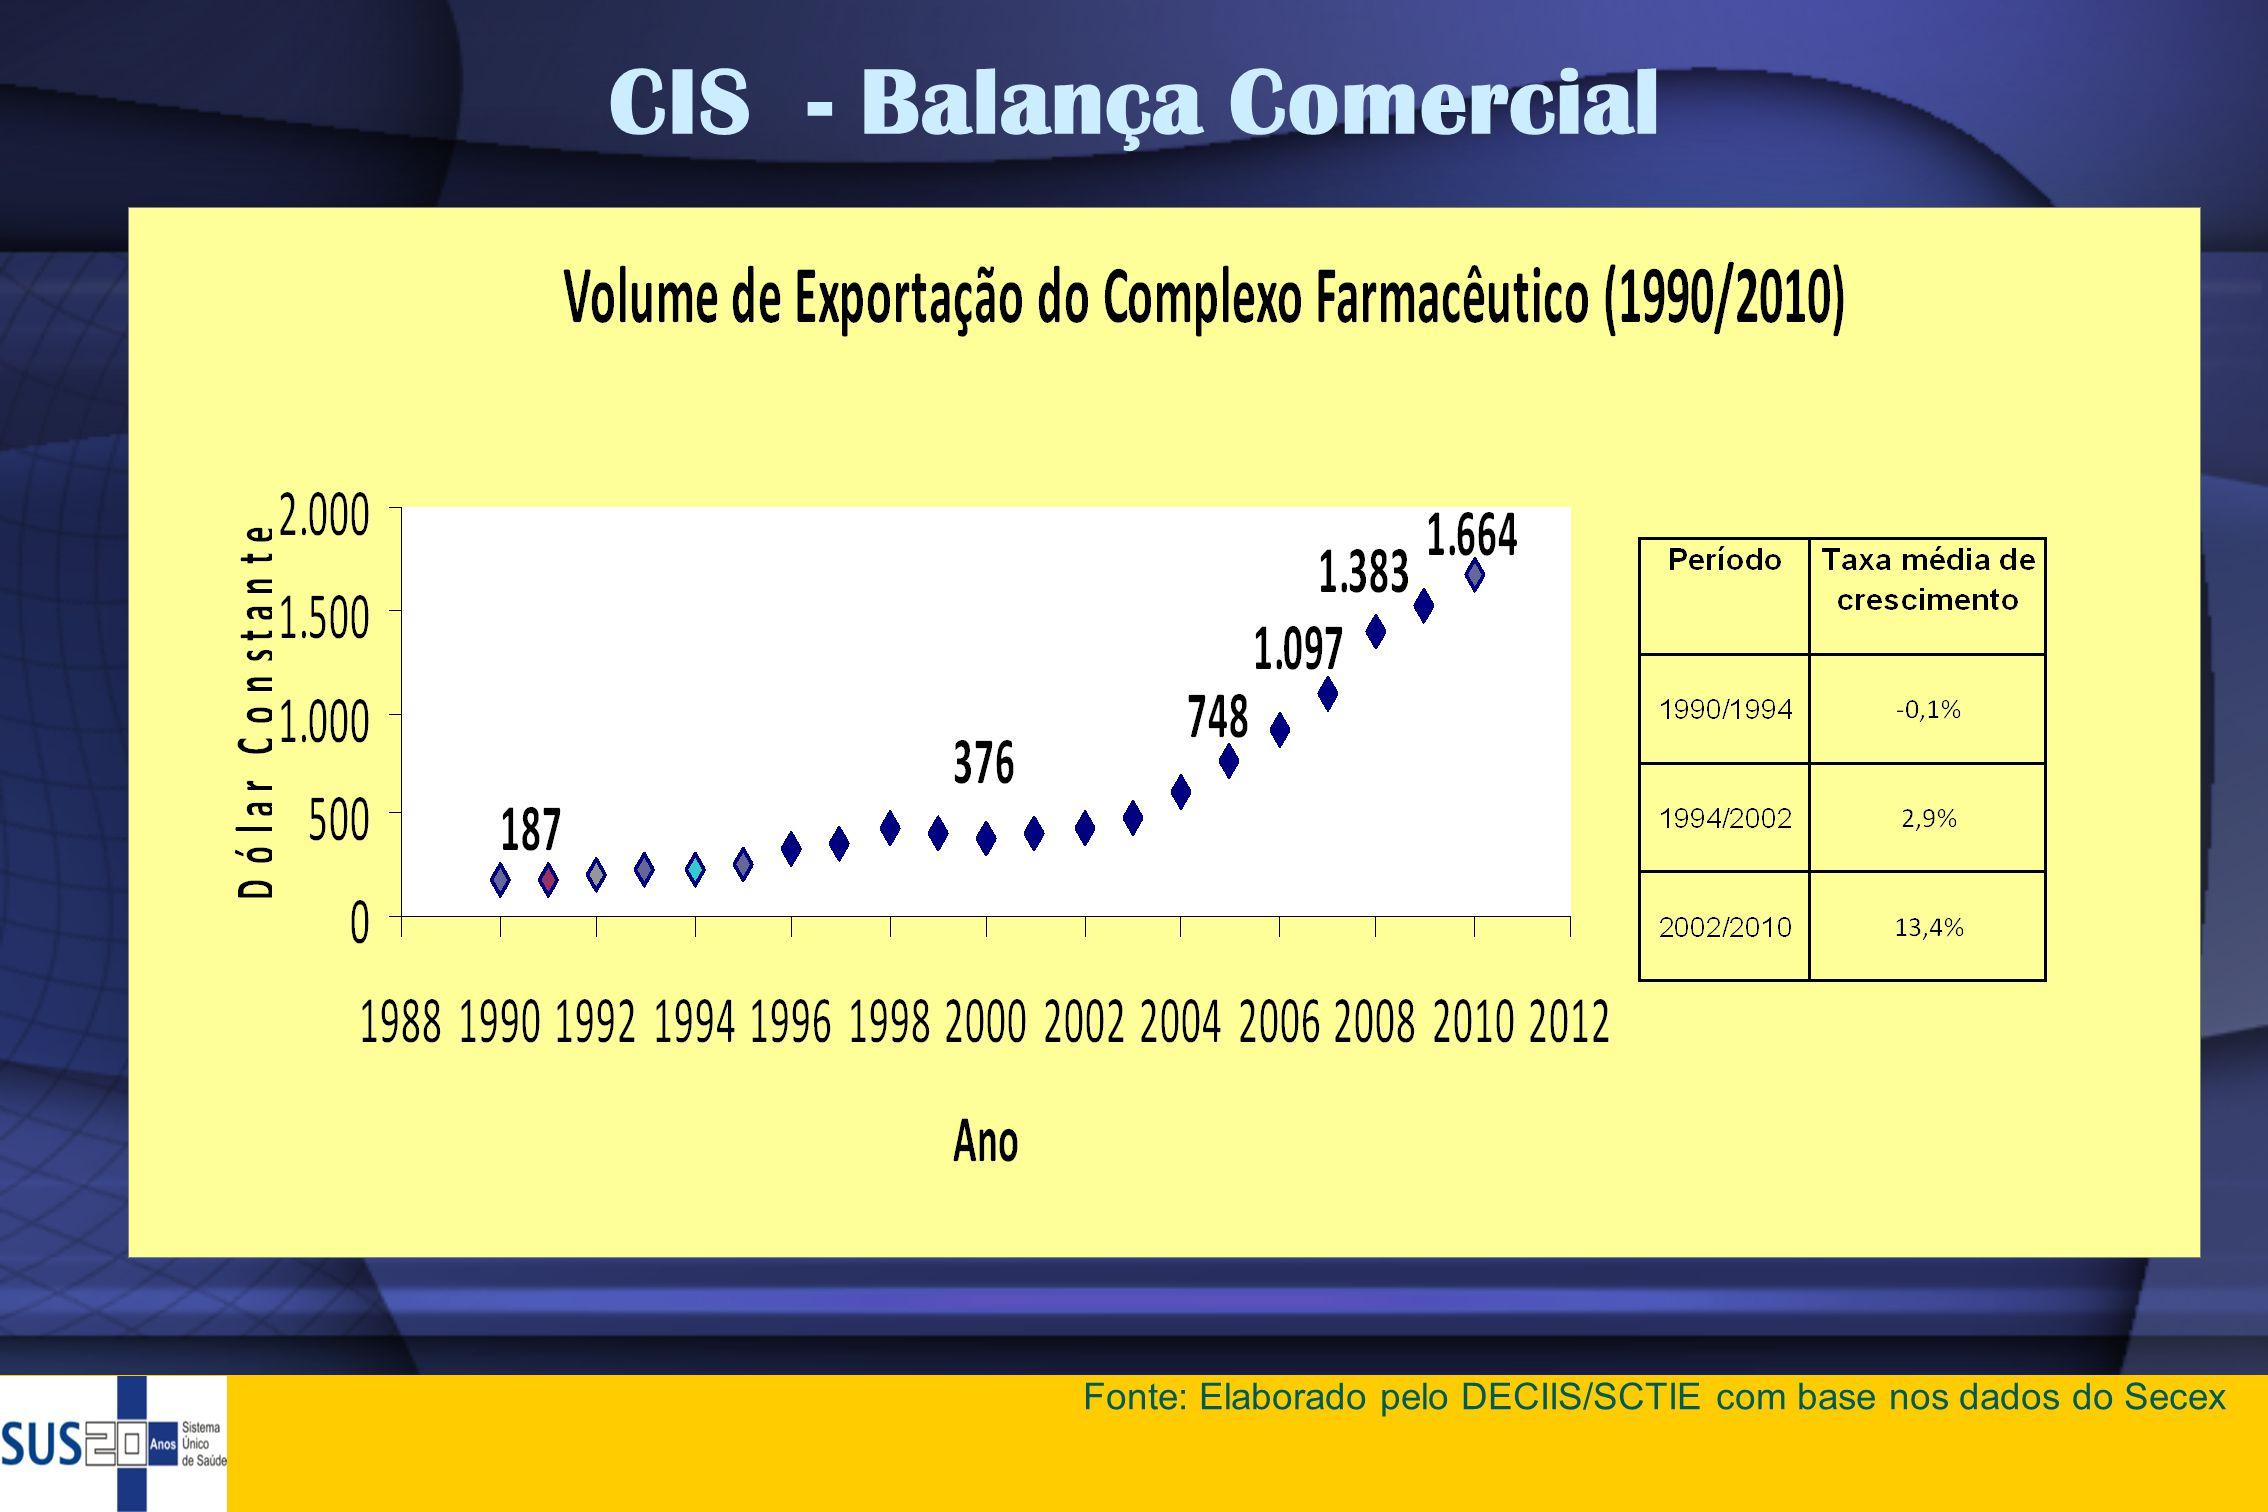 CIS - Balança Comercial Fonte: Elaborado pelo DECIIS/SCTIE com base nos dados do Secex